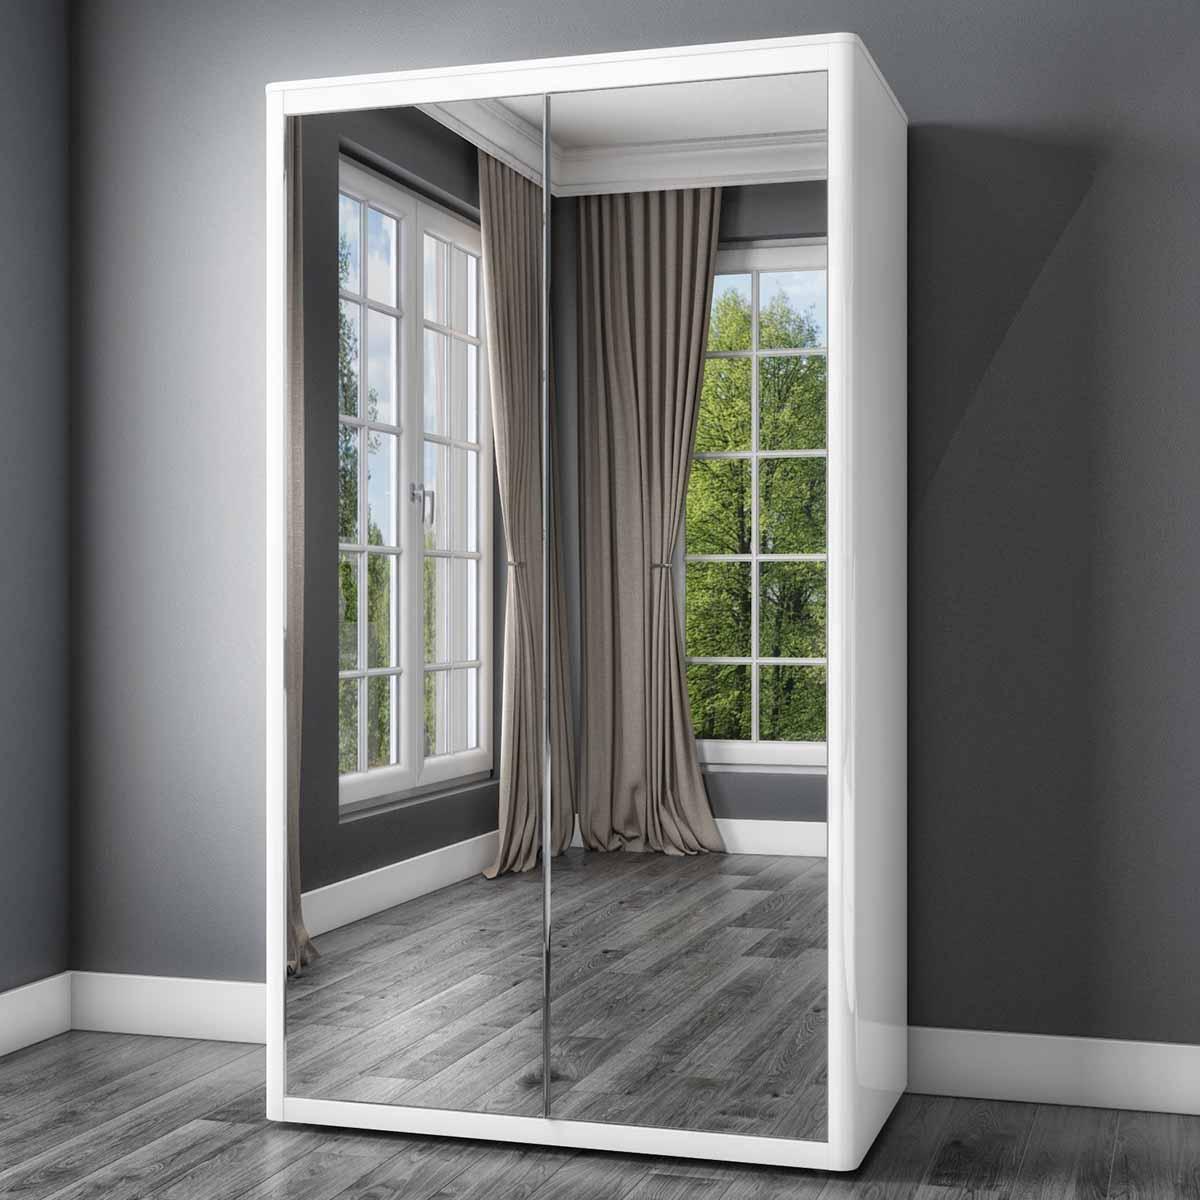 Tủ quần áo 2 cánh lùa có 2 gương mở rộng không gian